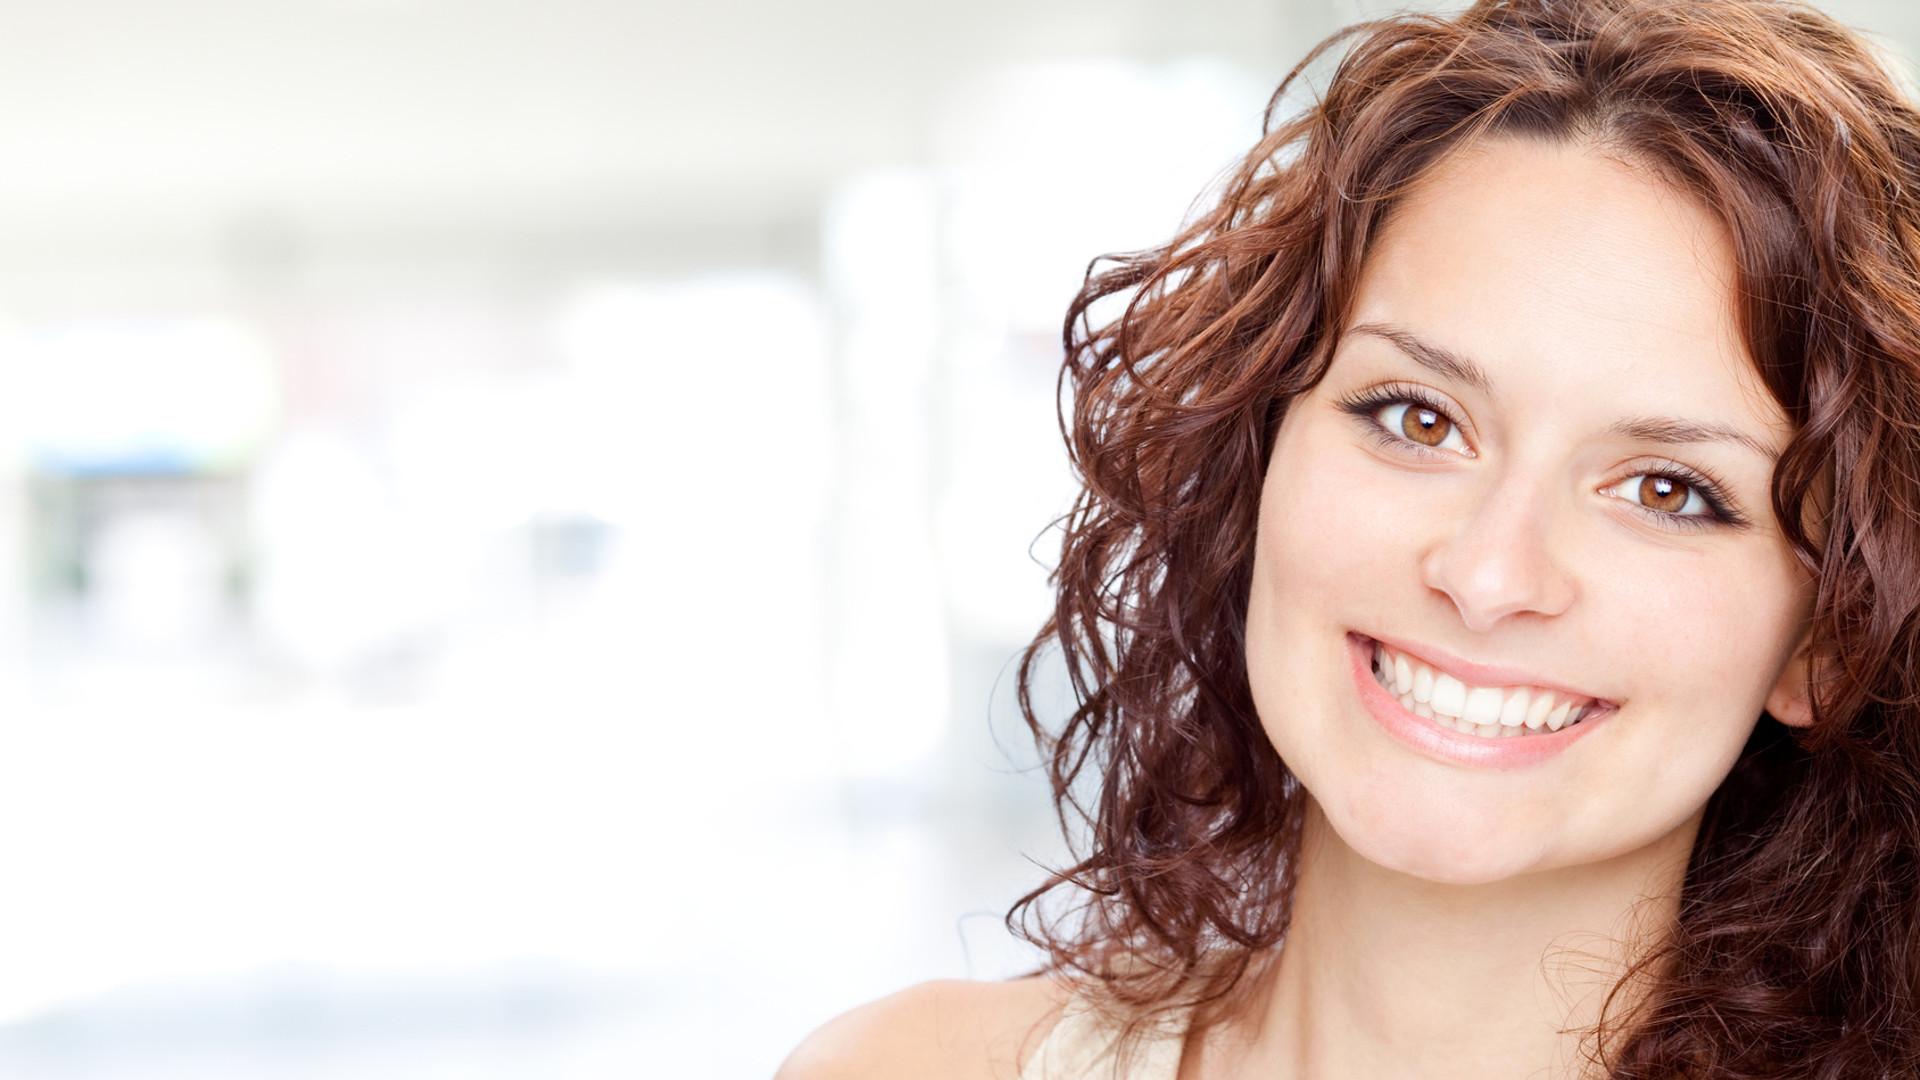 Sonrident Lugo Clínica Dental en Lugo